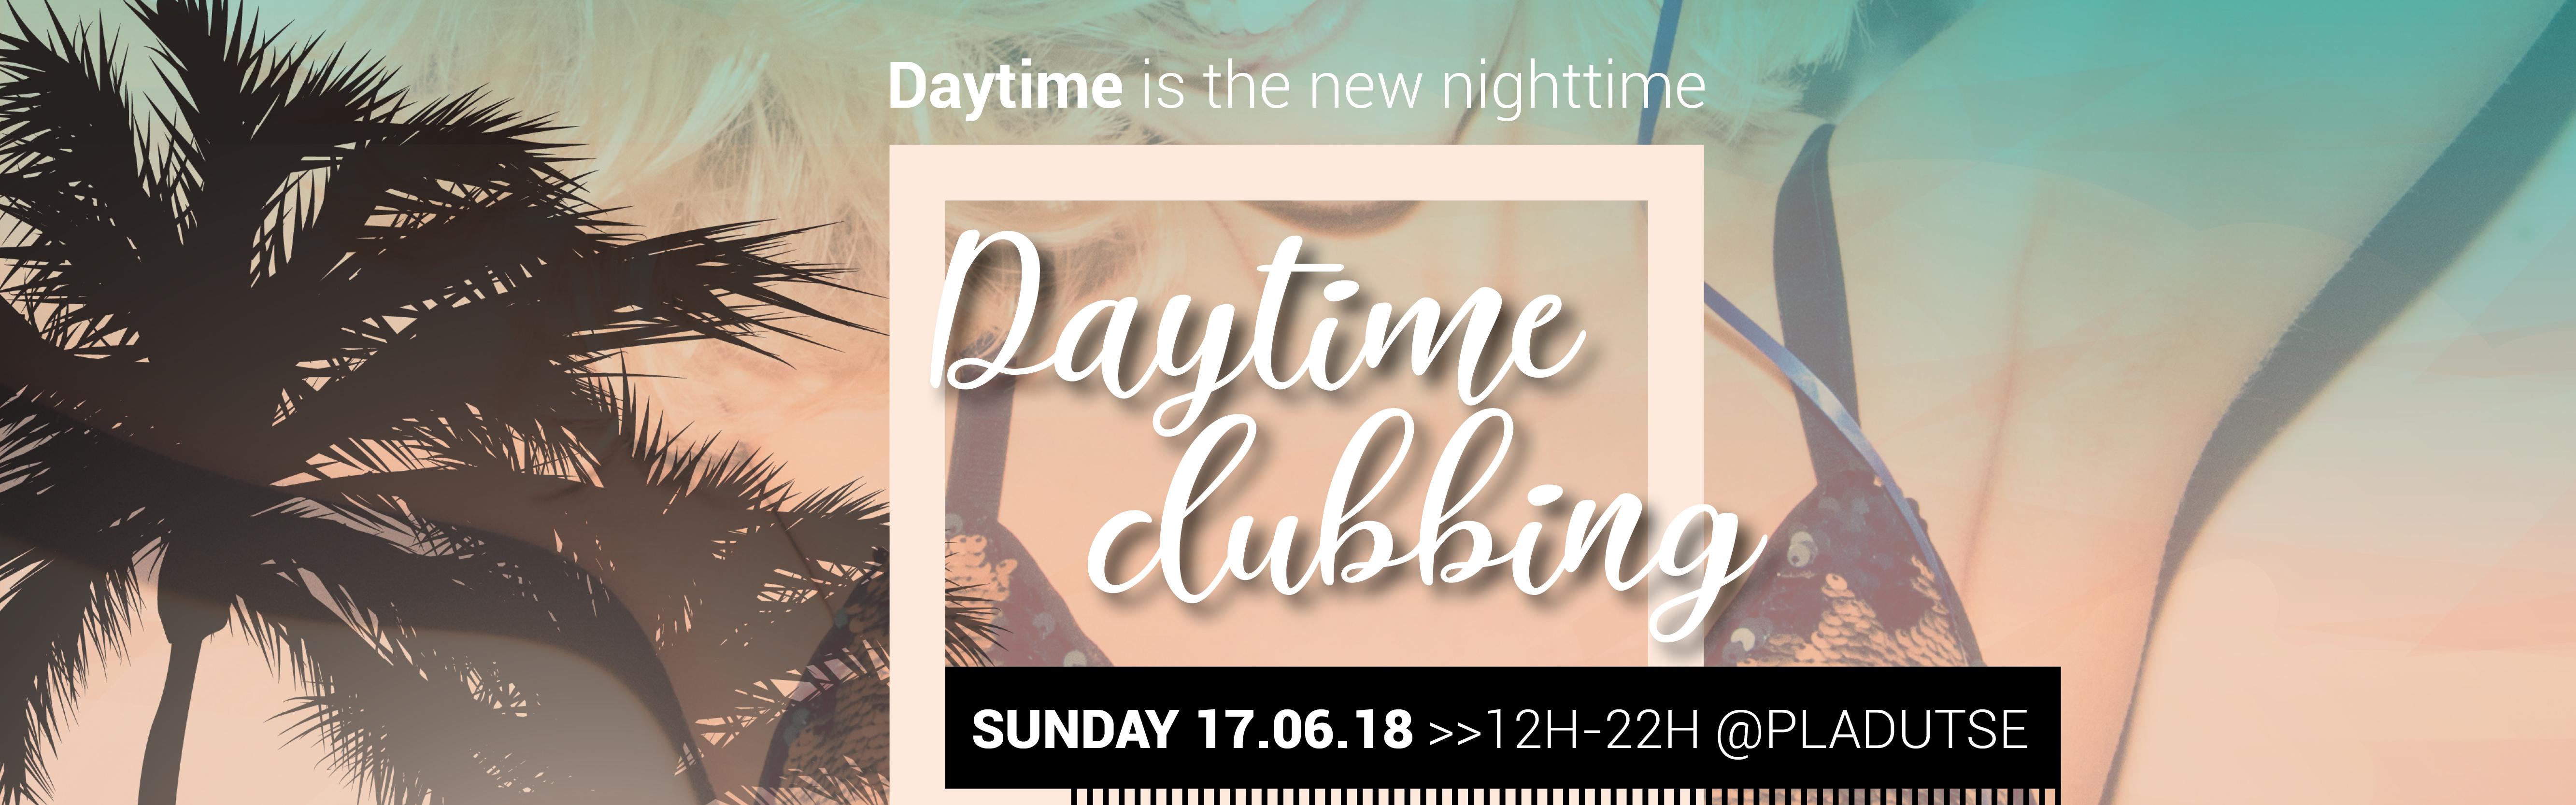 DayTimeClubbing